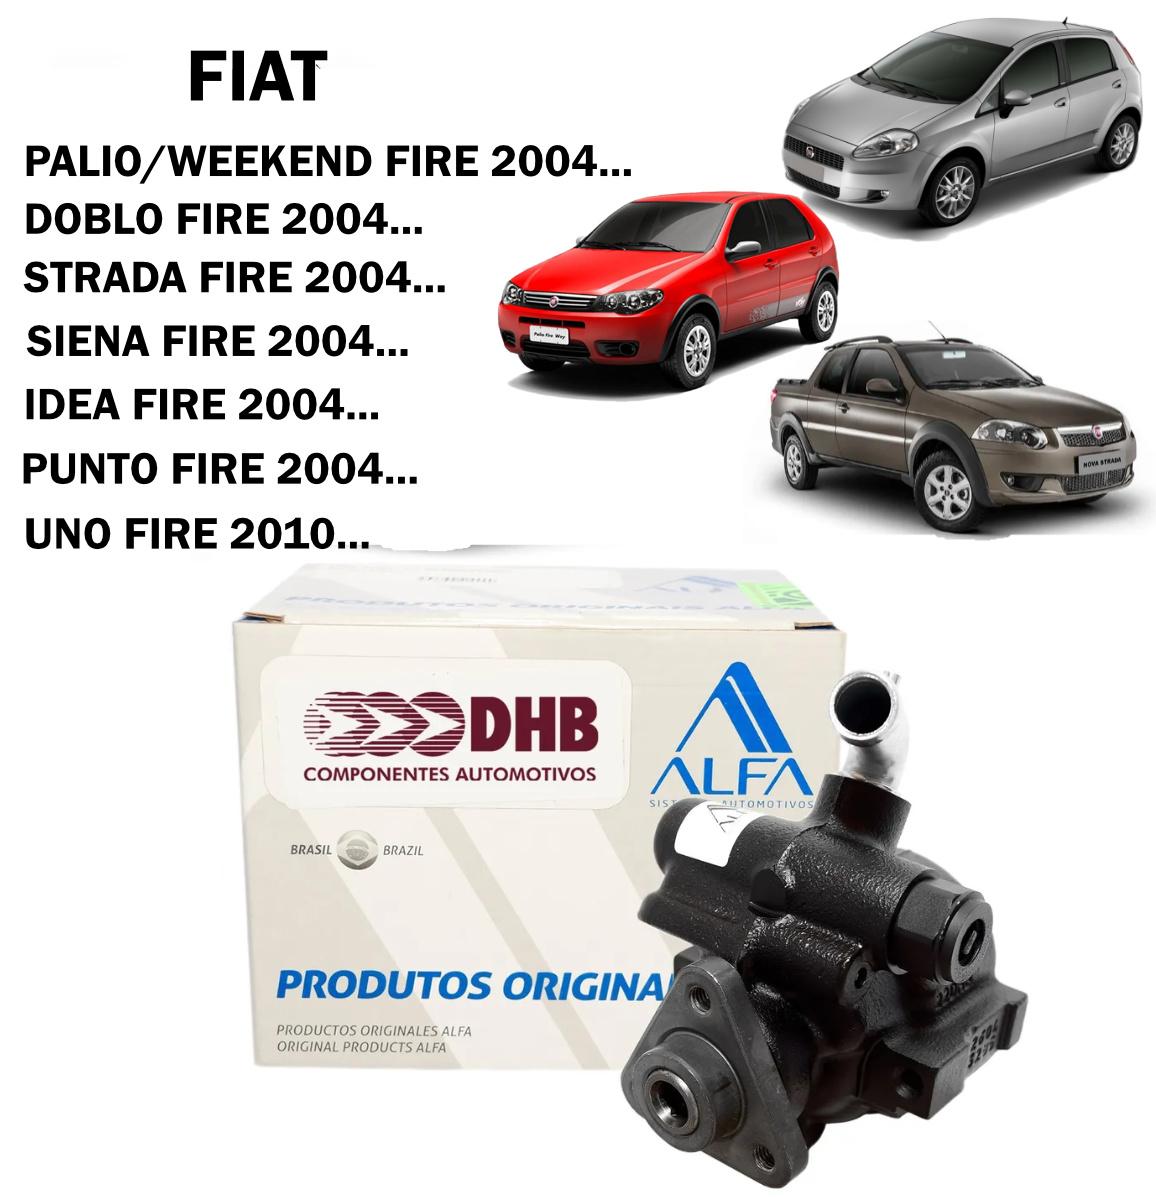 Bomba Direção Hidráulica DHB Palio Fire 04..., Idea Fire 04..., Doblo Fire 04..., Punto Fire, Linea Fire